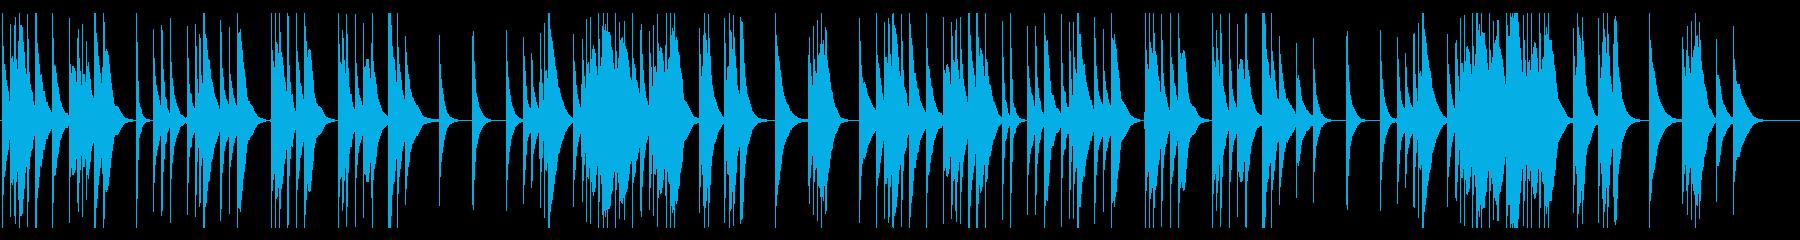 静かで落ち着いた料亭の琴の再生済みの波形